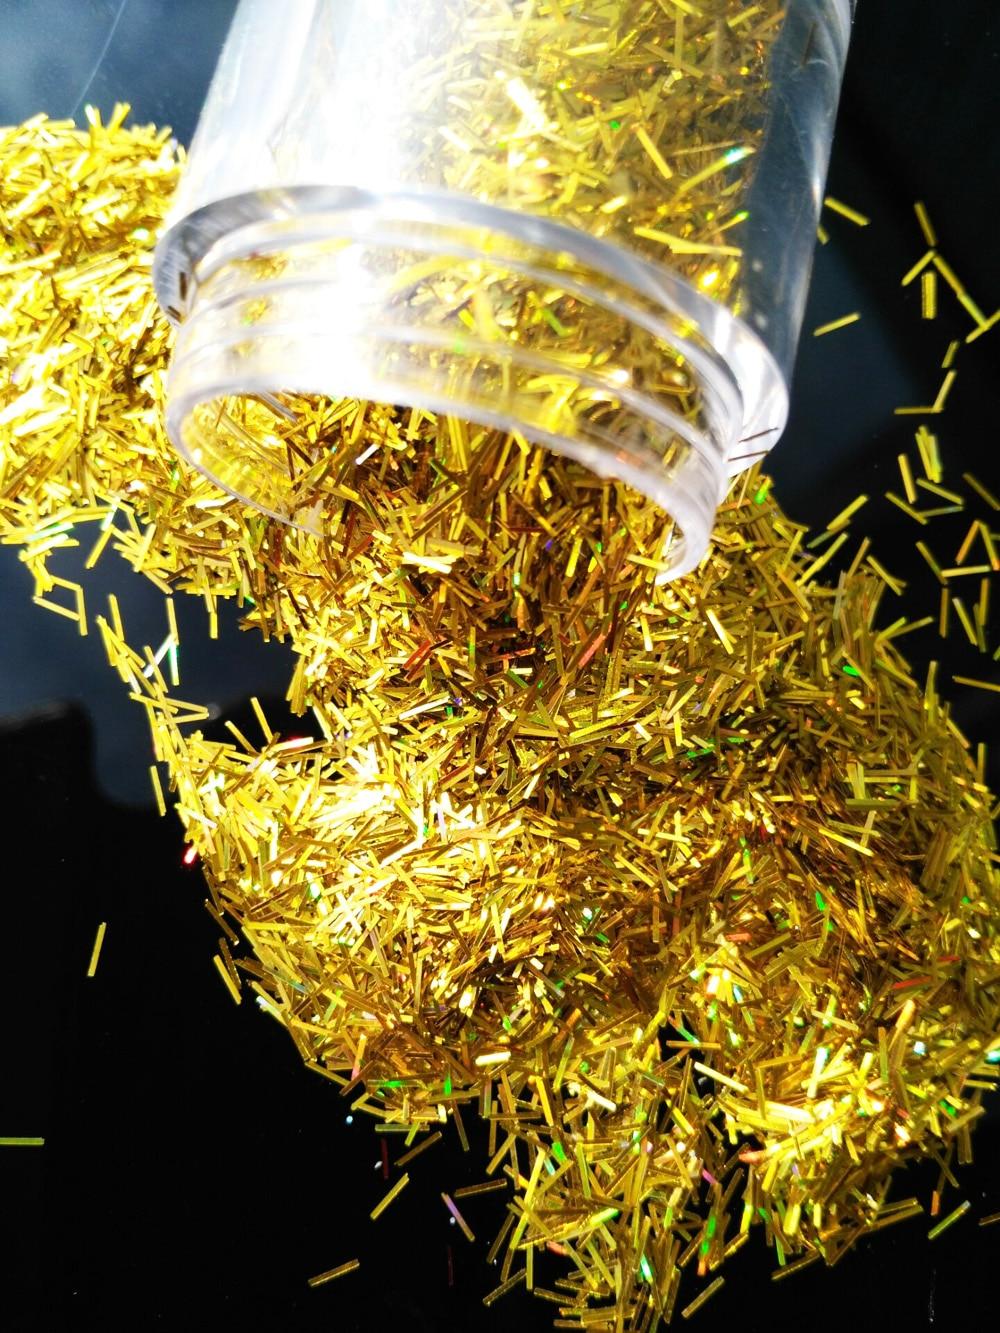 Nagelglitzer 10 Ml Jar Lb001001 1 Box 0,2*3mm Größe Gold Holographische Glitter Lametta Bar Streifen Form Glitter Für Nagel Kunst Und Andere Deco Schönheit & Gesundheit